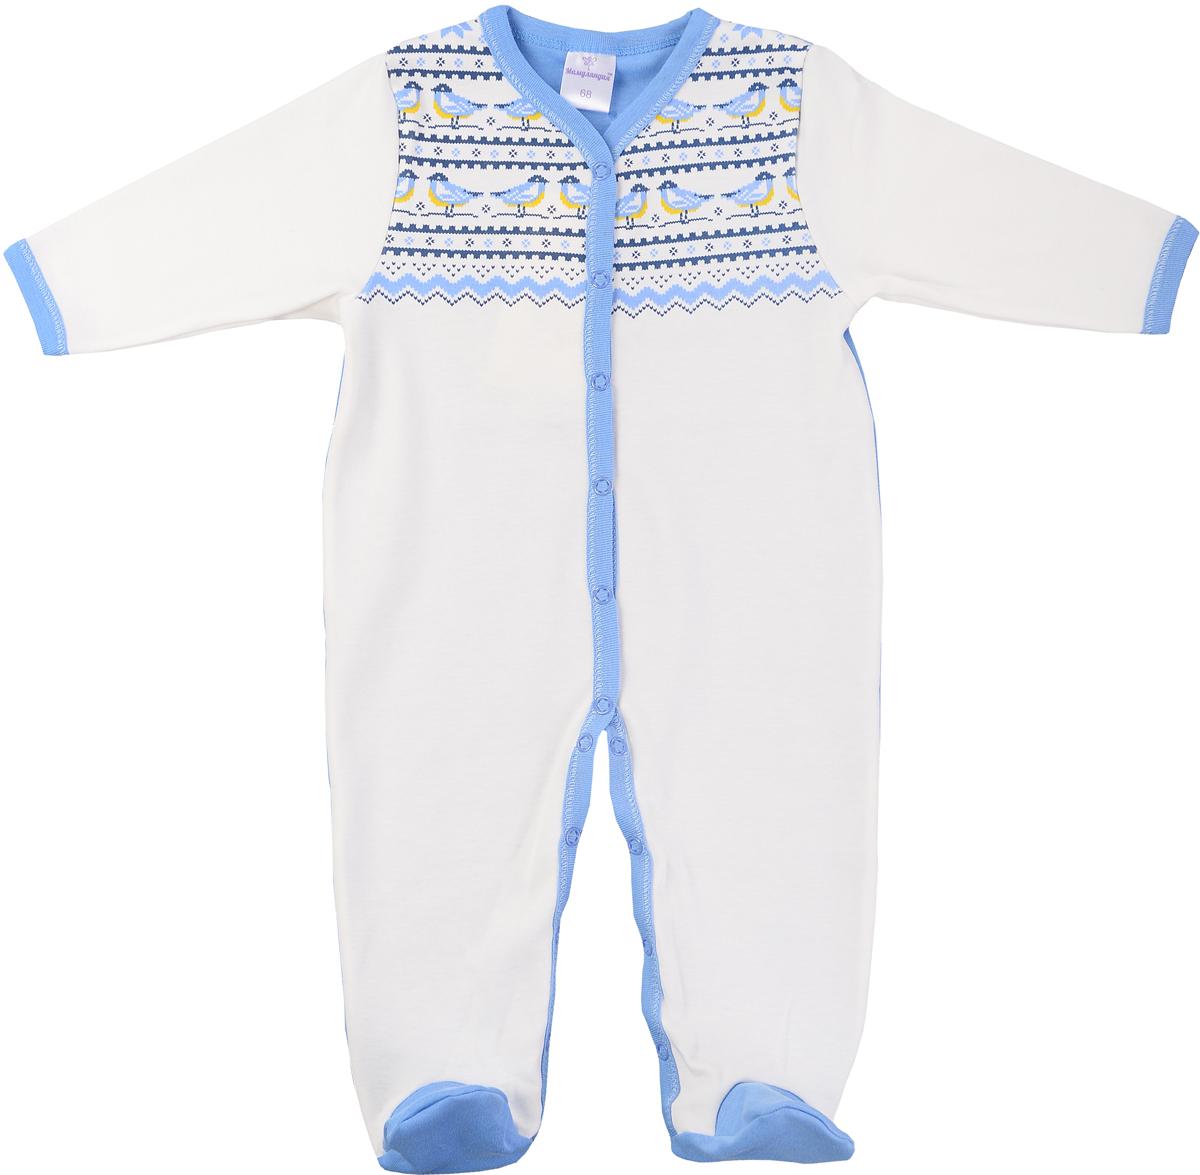 Комбинезон домашний детский Мамуляндия Зимняя, цвет: молочный, голубой. 17-502. Размер 6217-502Комбинезон детский выполнен из натурального хлопка. Модель с длинными рукавами и V-образным вырезом горловины застегивается на кнопки.